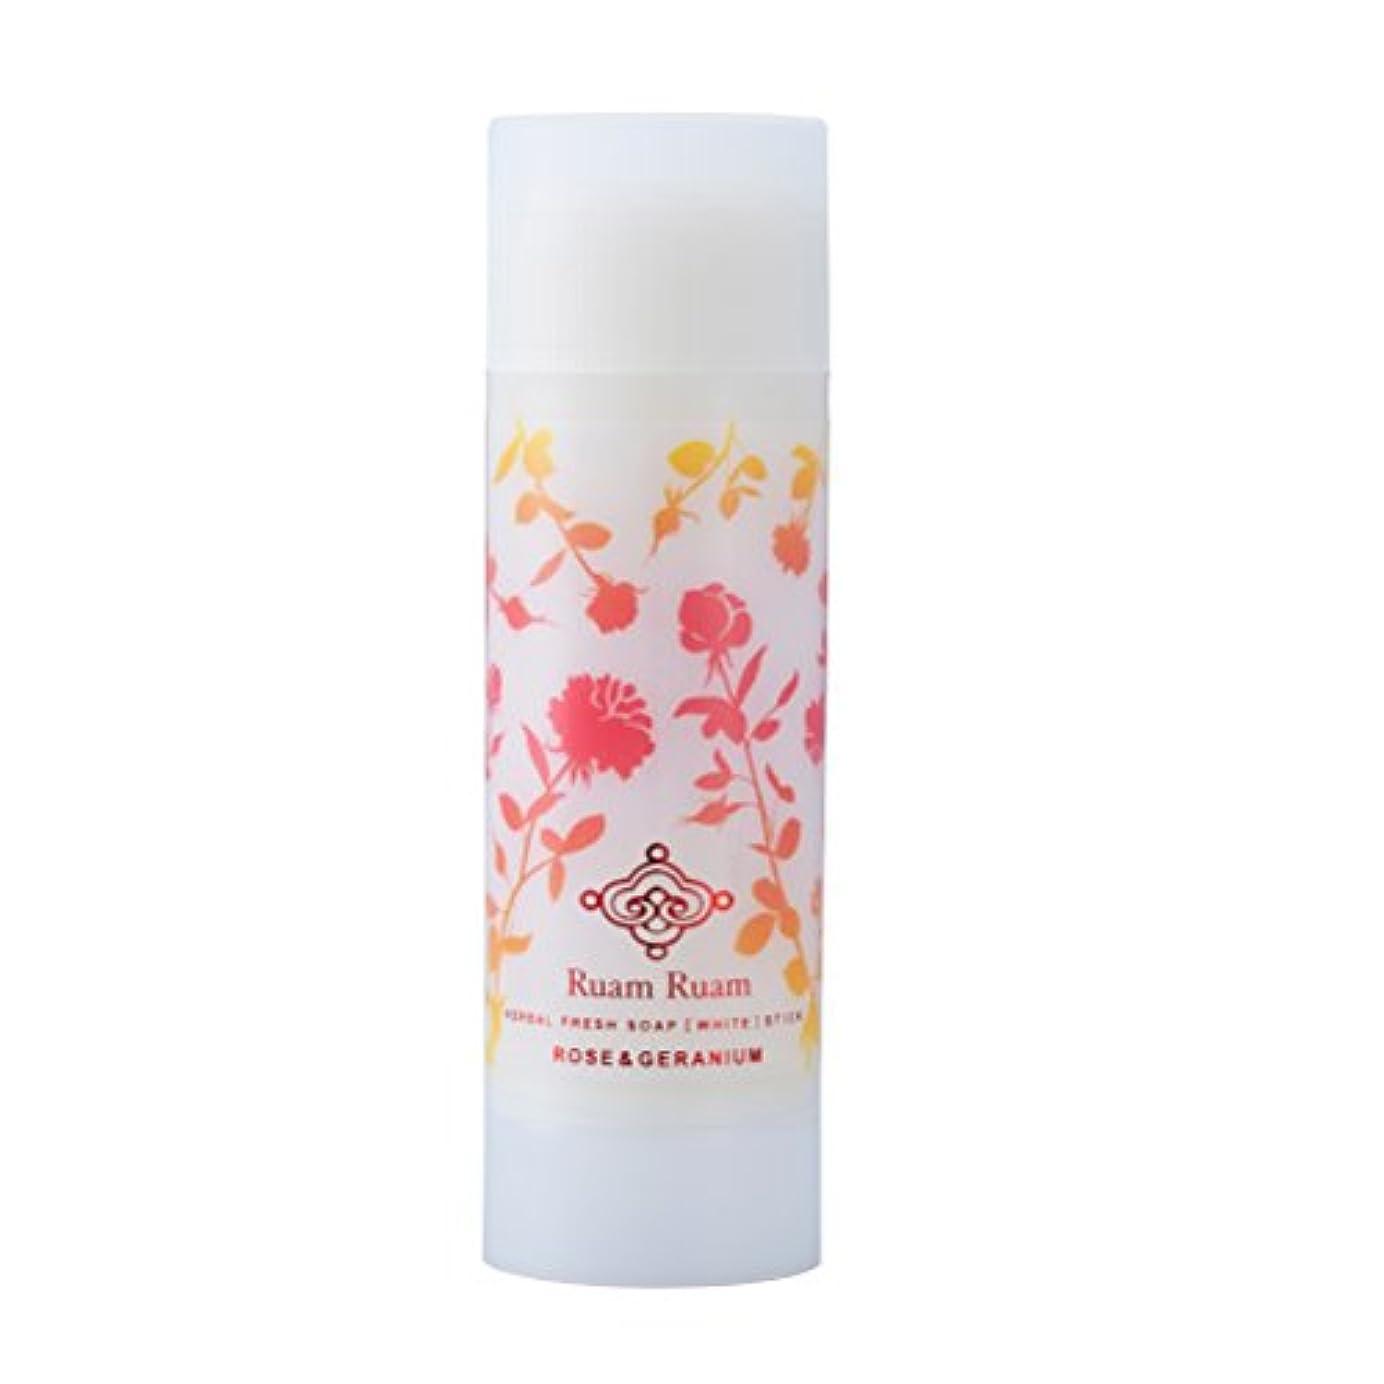 スライス貢献する頭痛ルアンルアン(Ruam Ruam) 洗顔石鹸(白) ローズアンドゼラニウム 90g